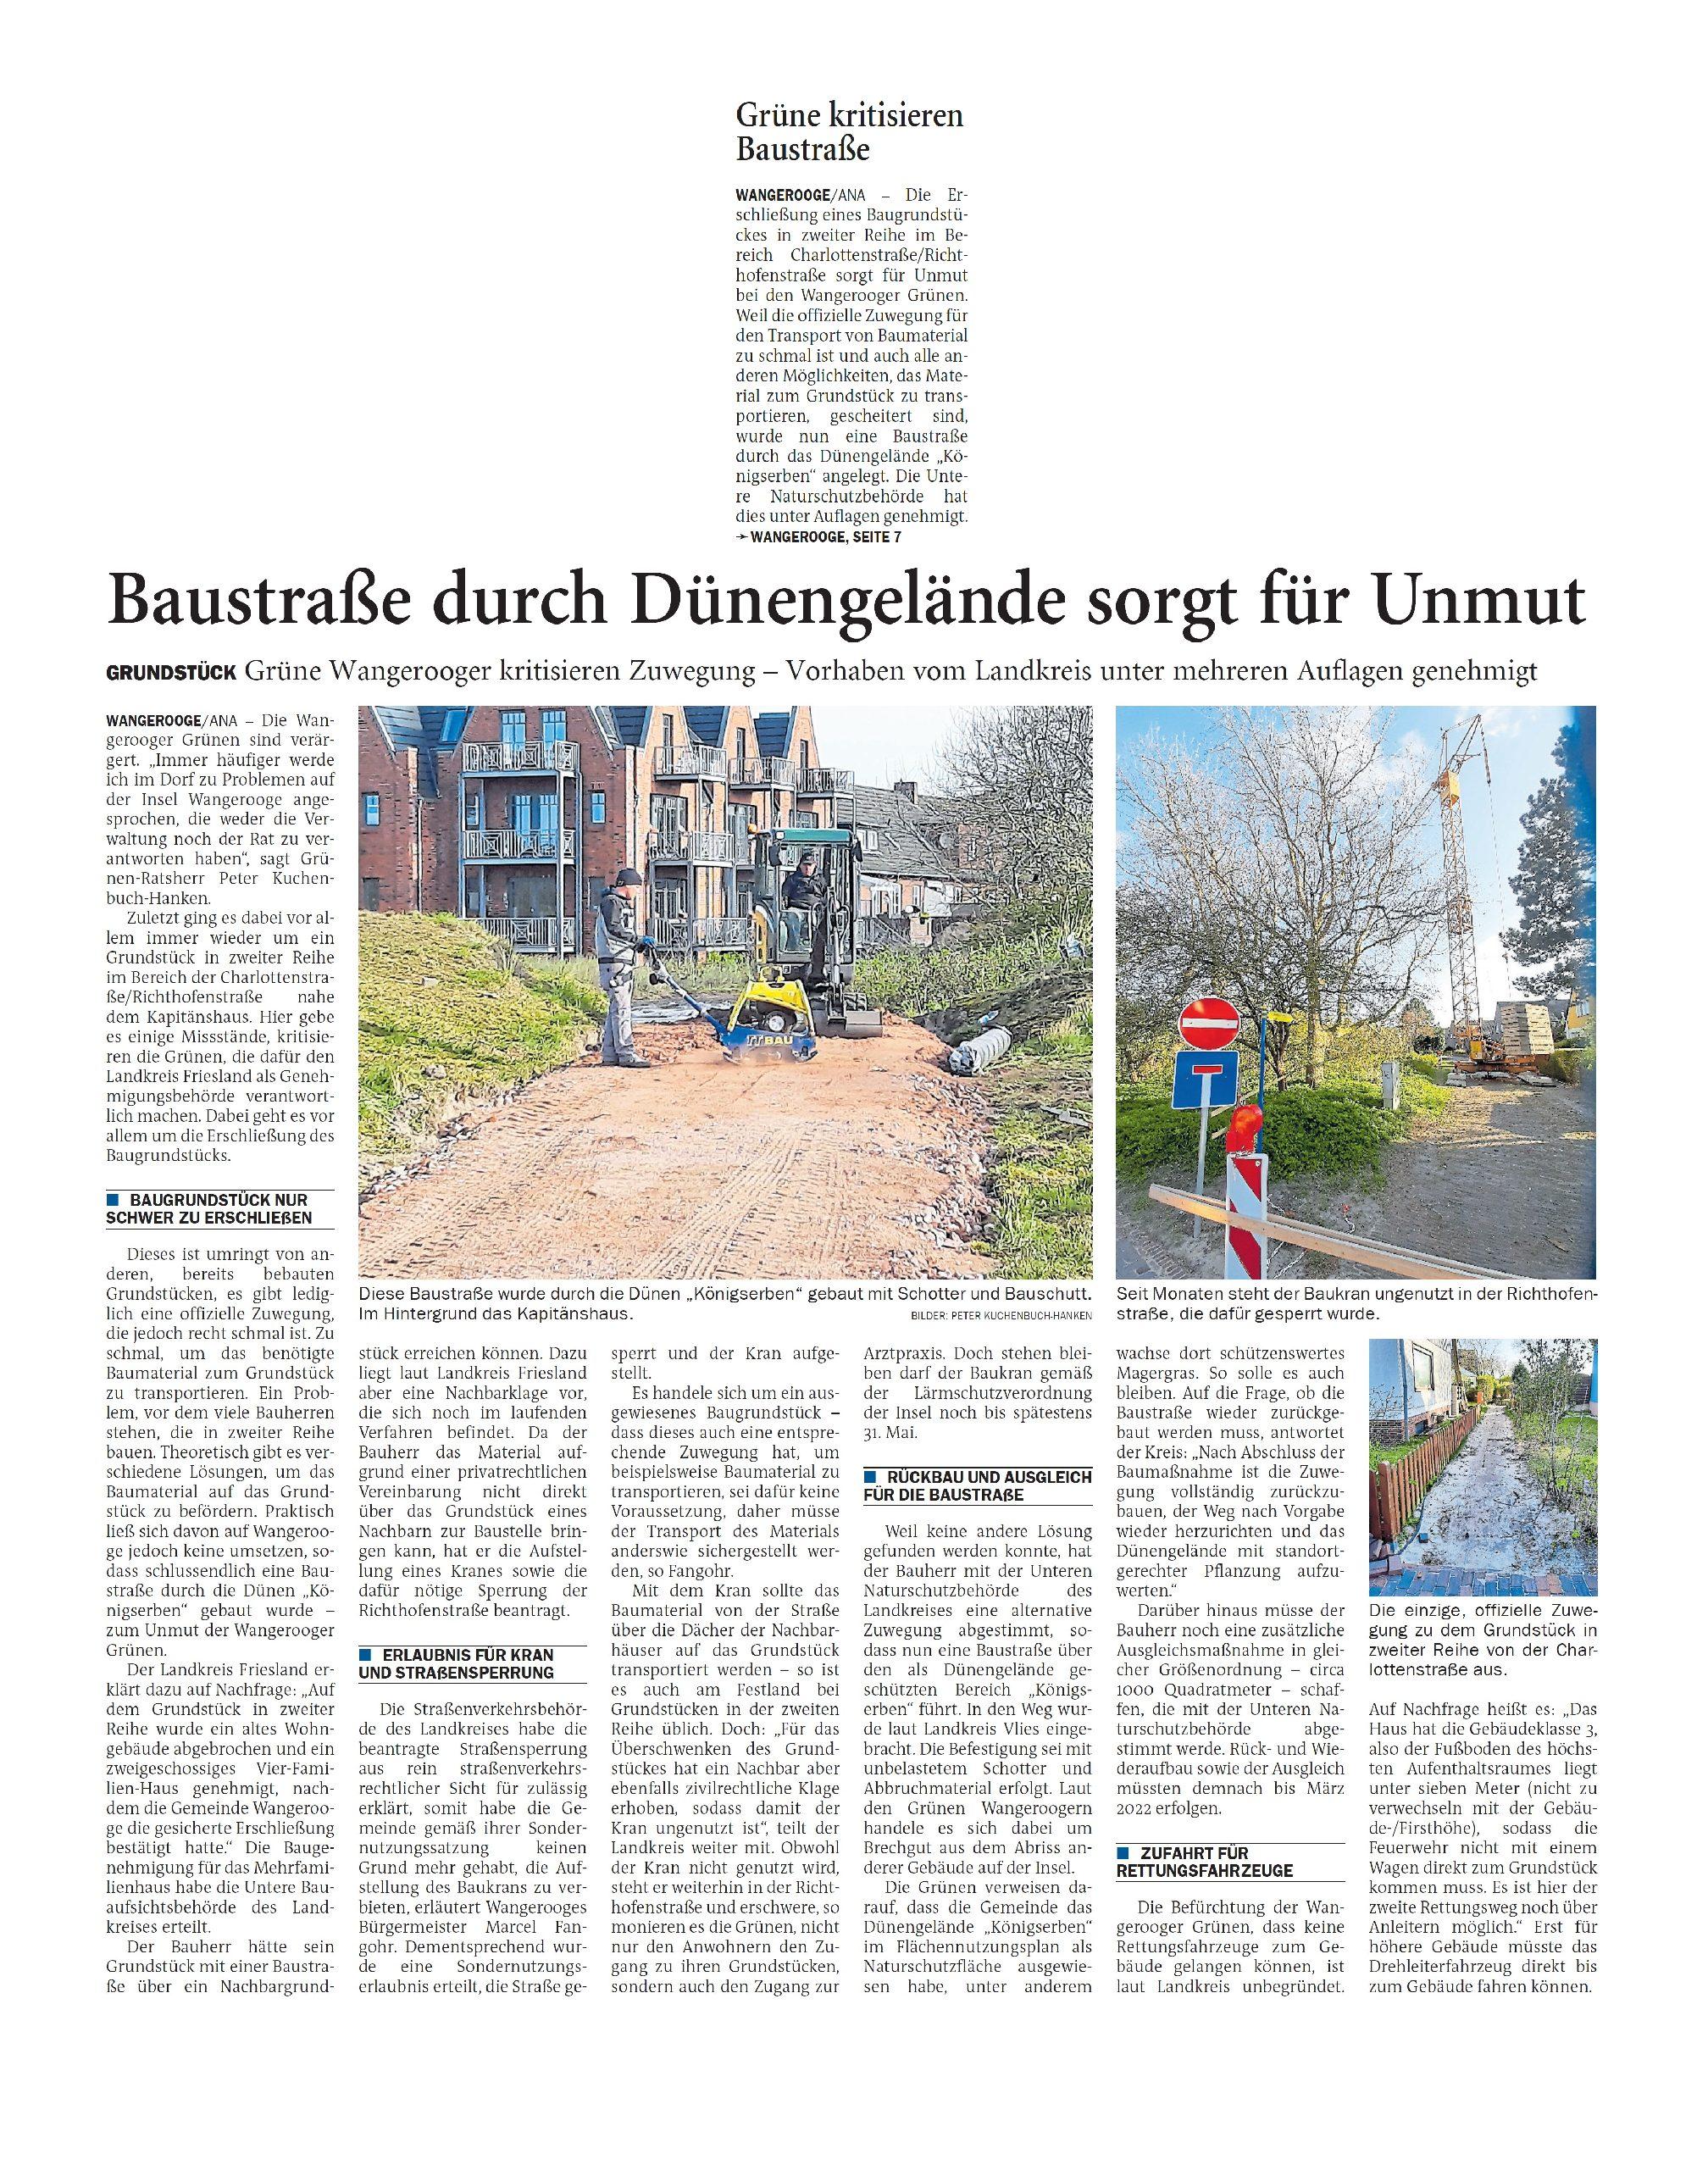 Jeversches Wochenblatt 11.05.2021 II